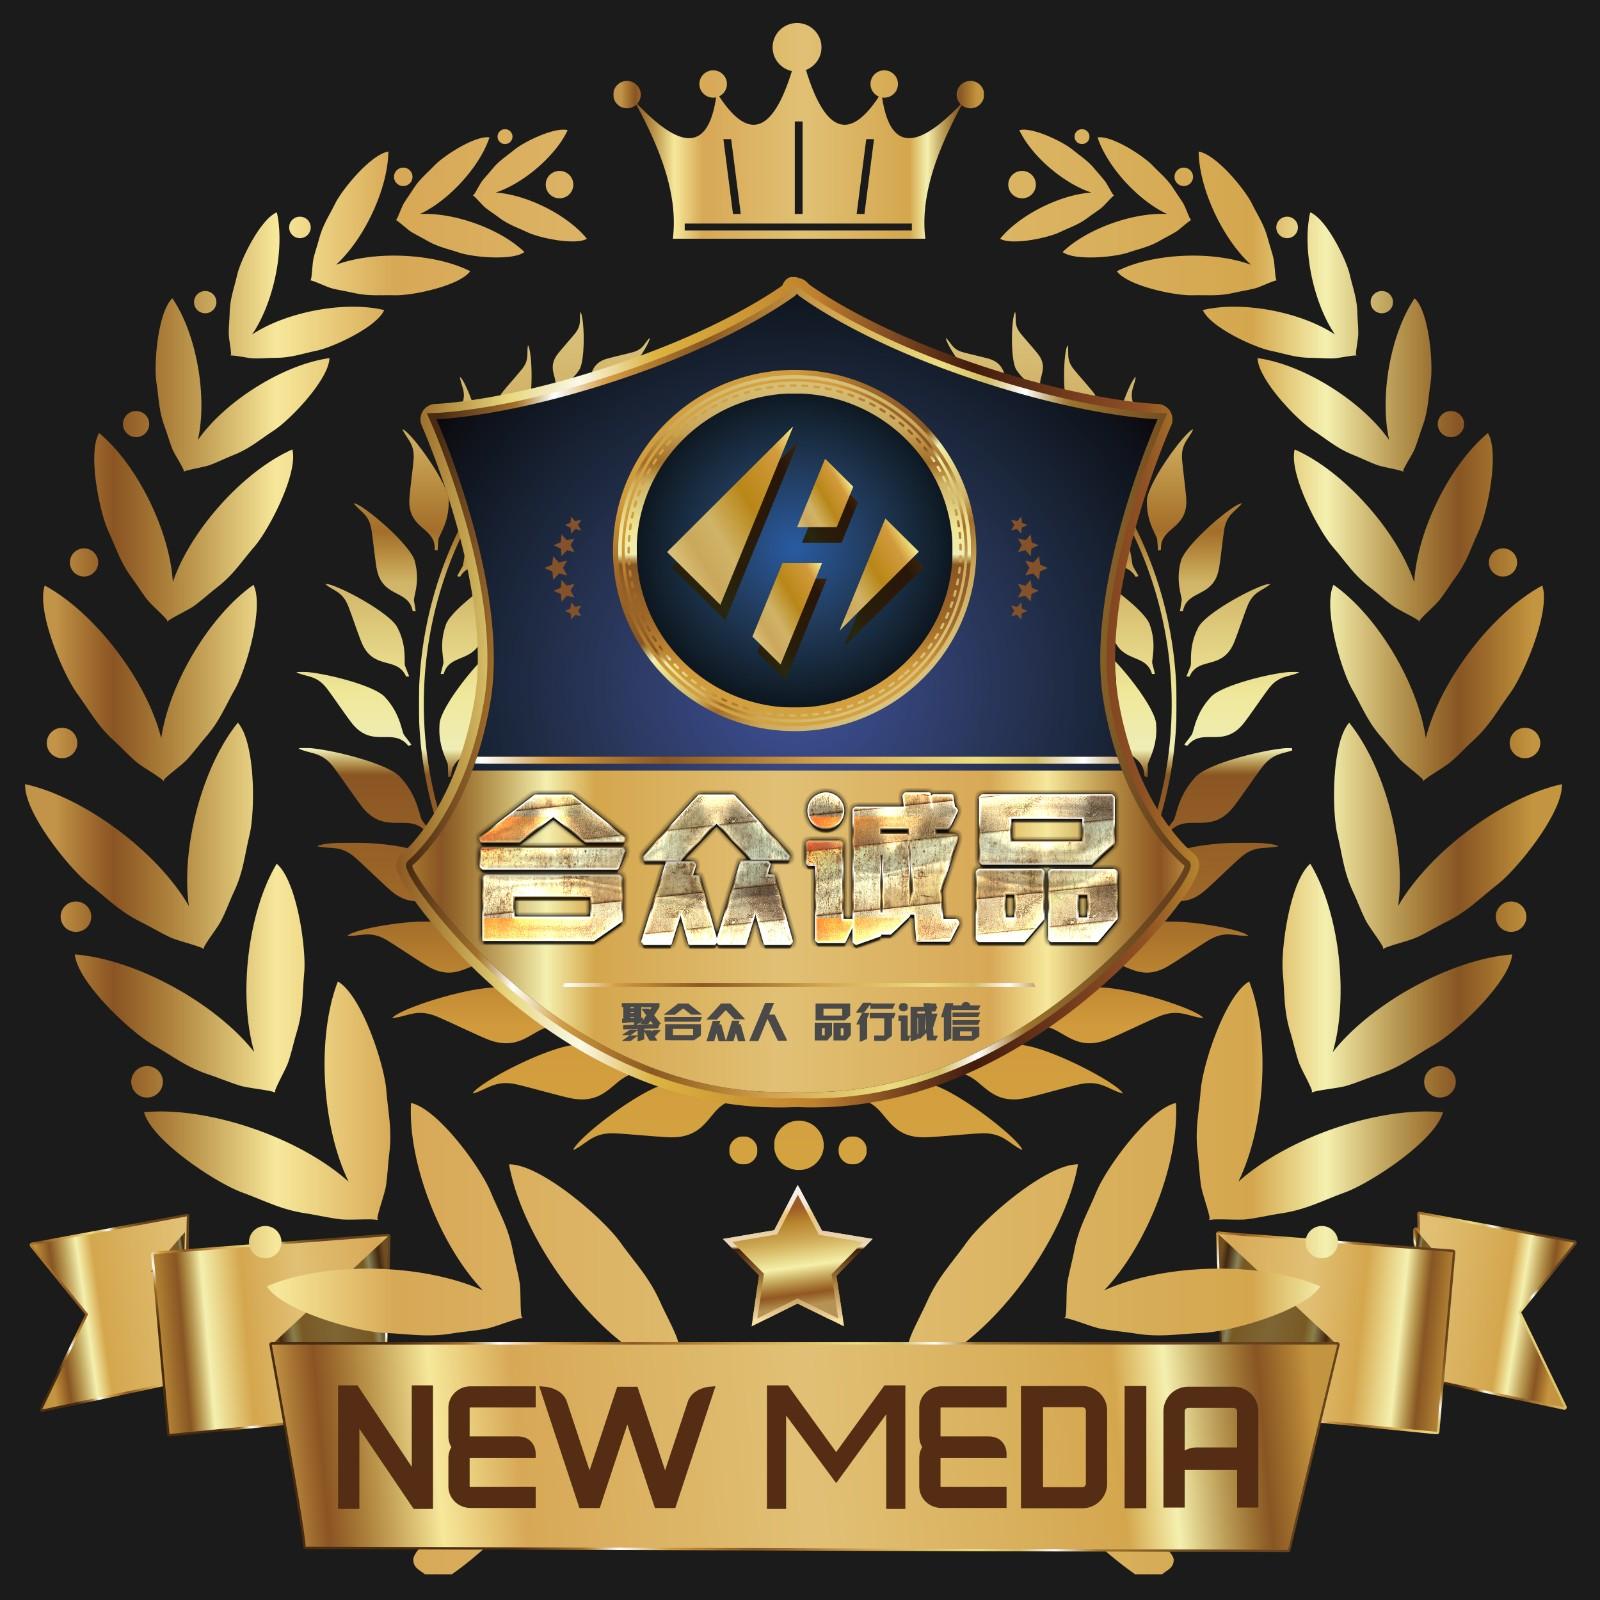 合众诚品新媒体